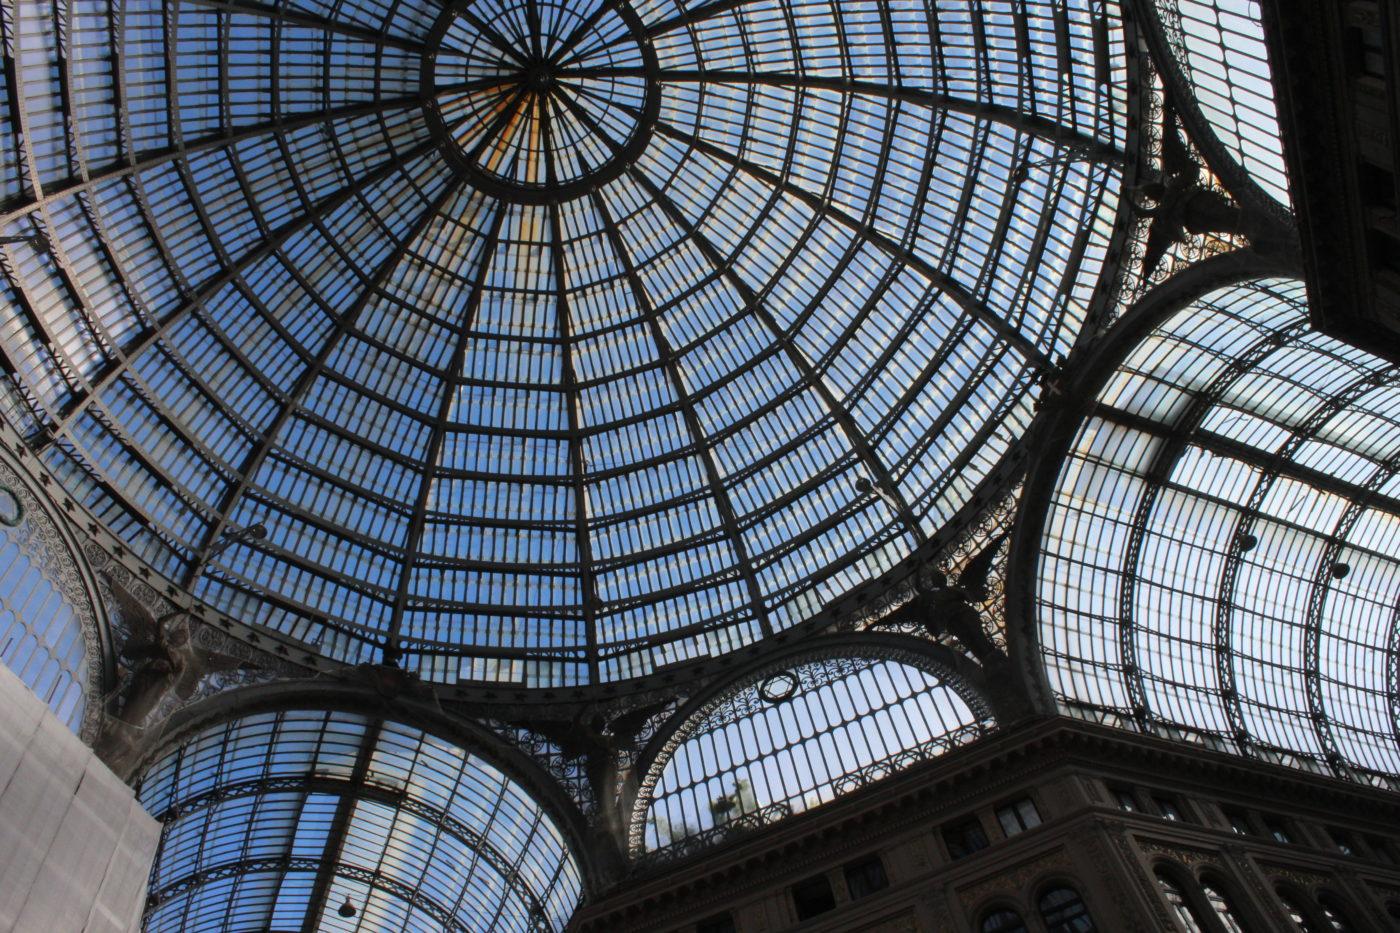 Cupola Galleria Umbero I